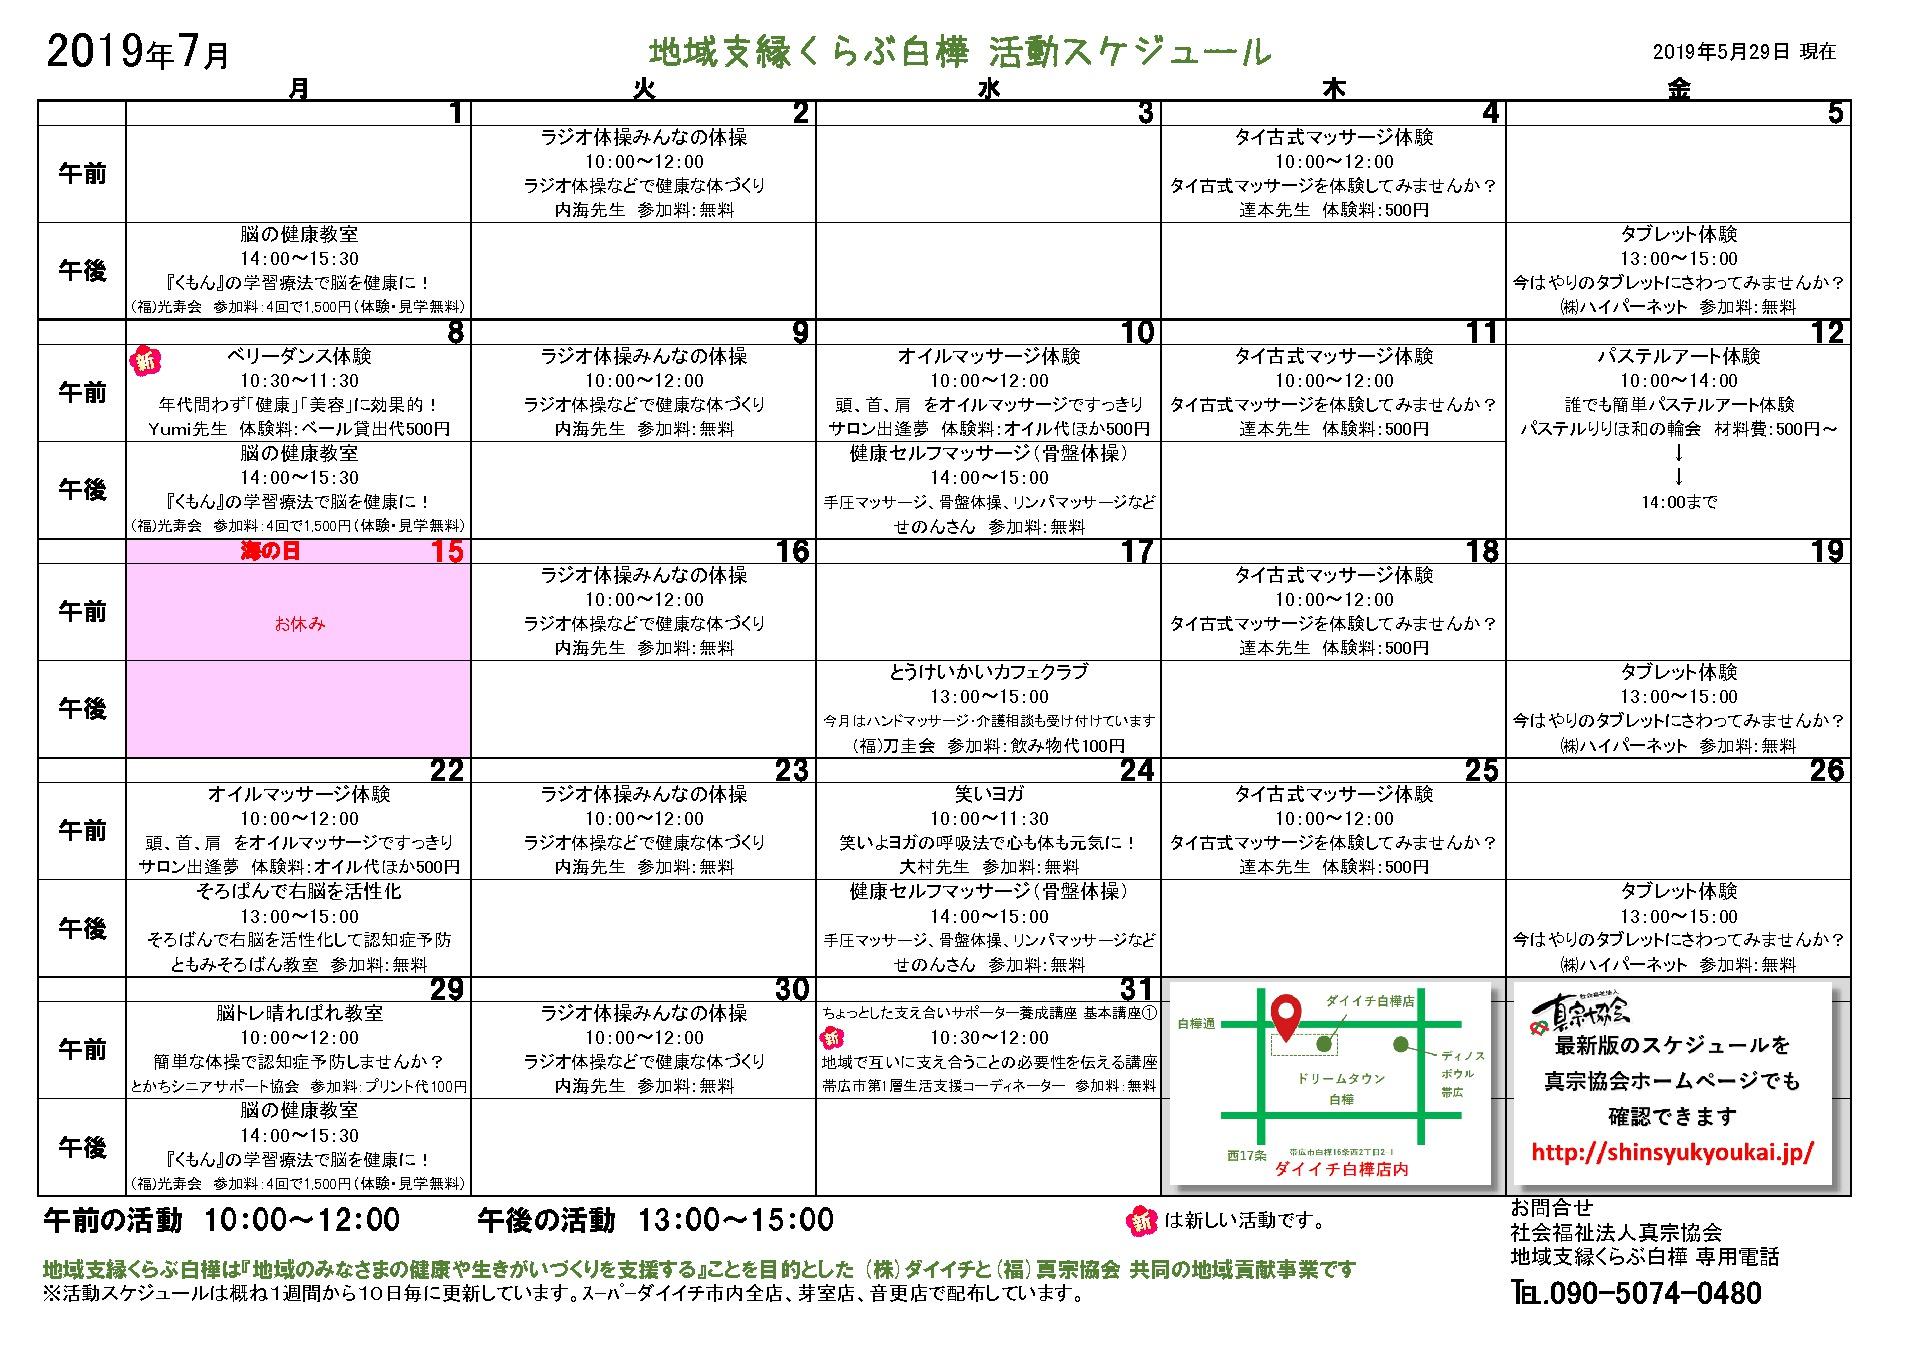 2019活動スケジュール7(2019.5.29付)のサムネイル